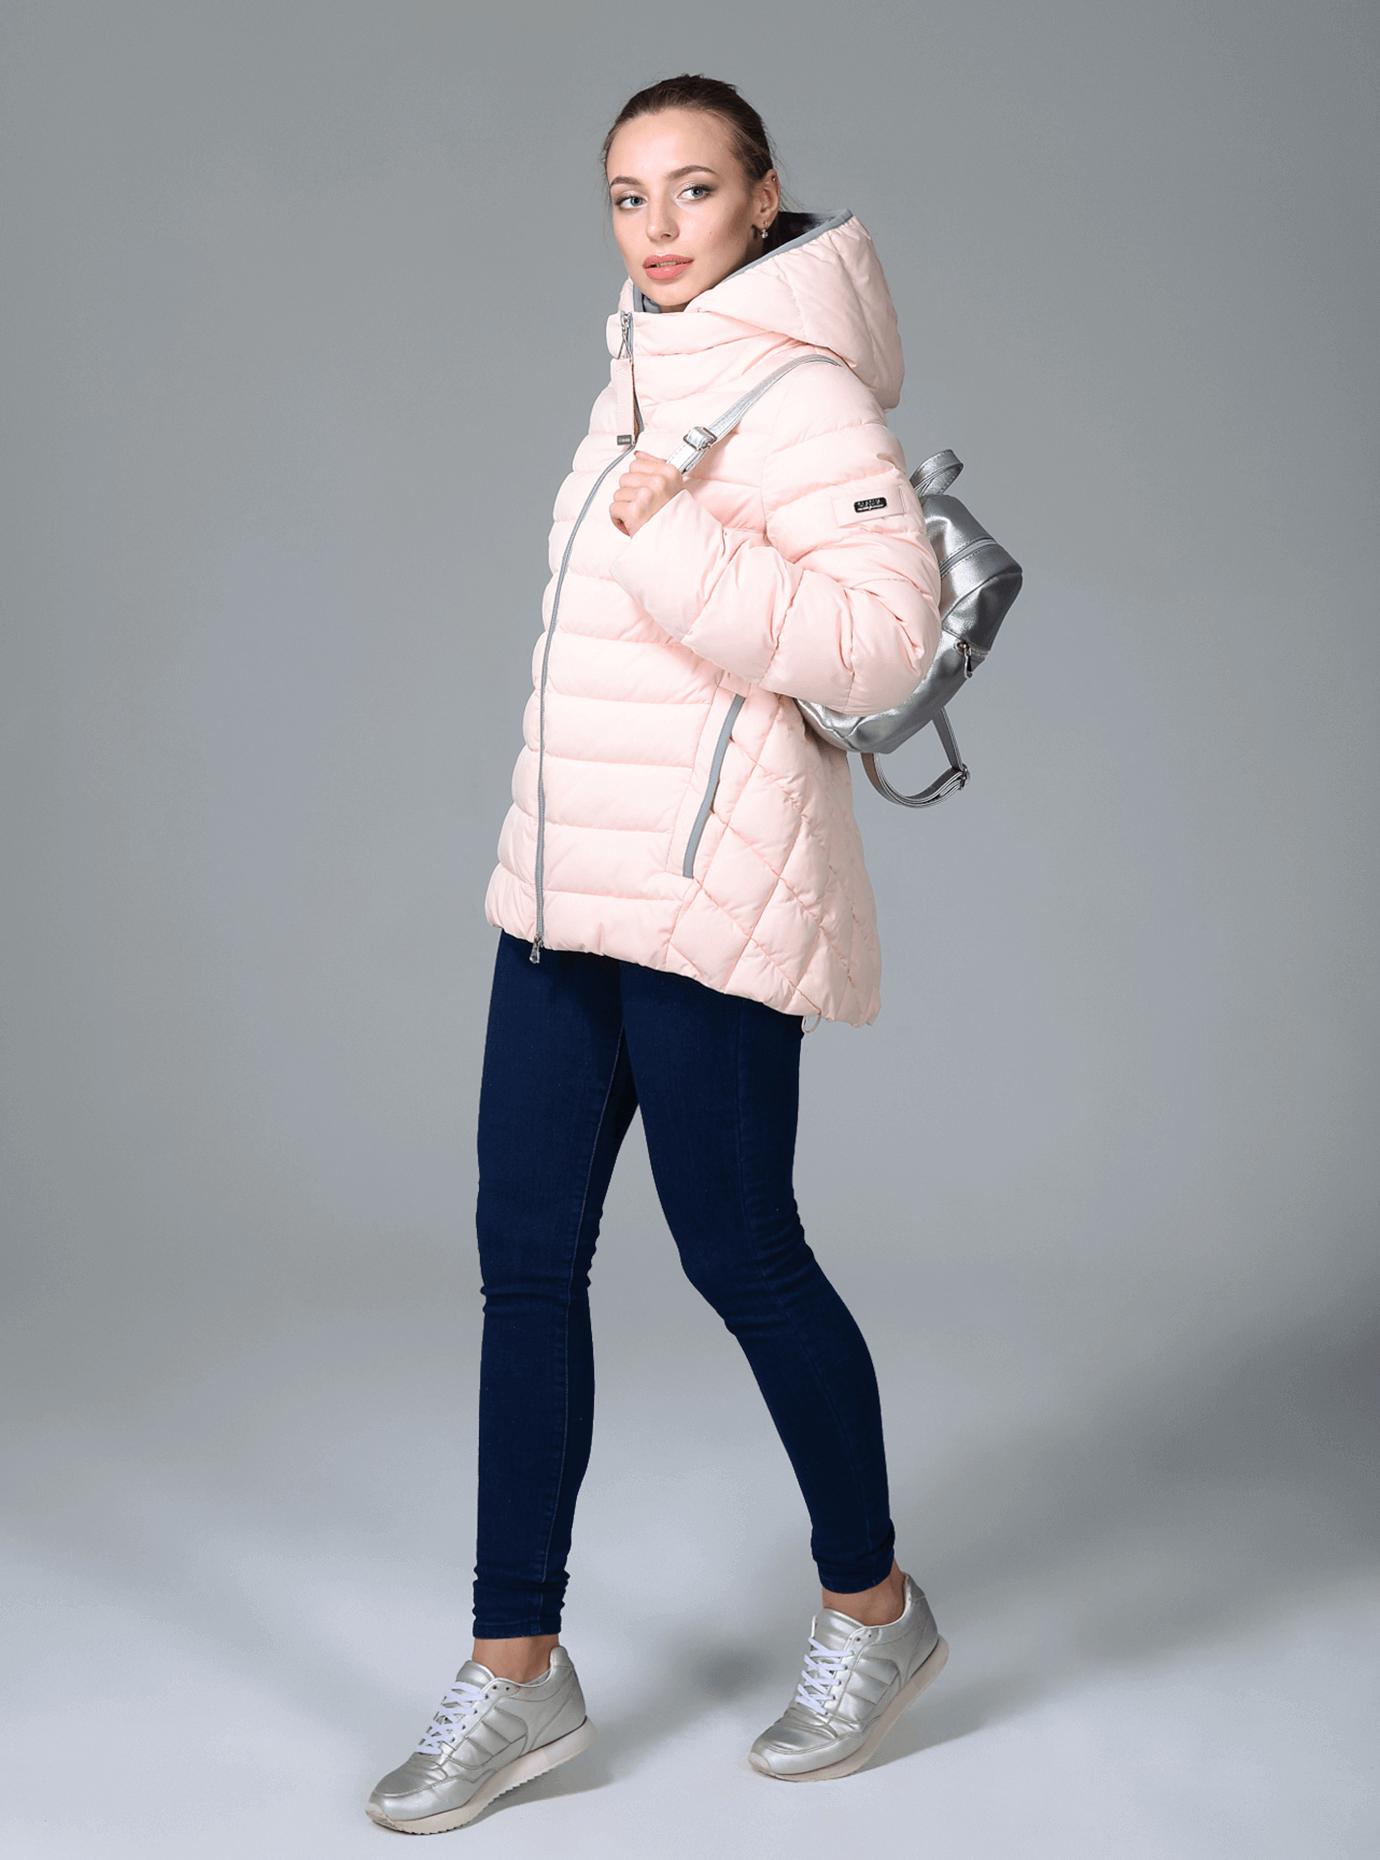 Куртка зимняя женская короткая Чёрный S (02-CR170277): фото - Alster.ua